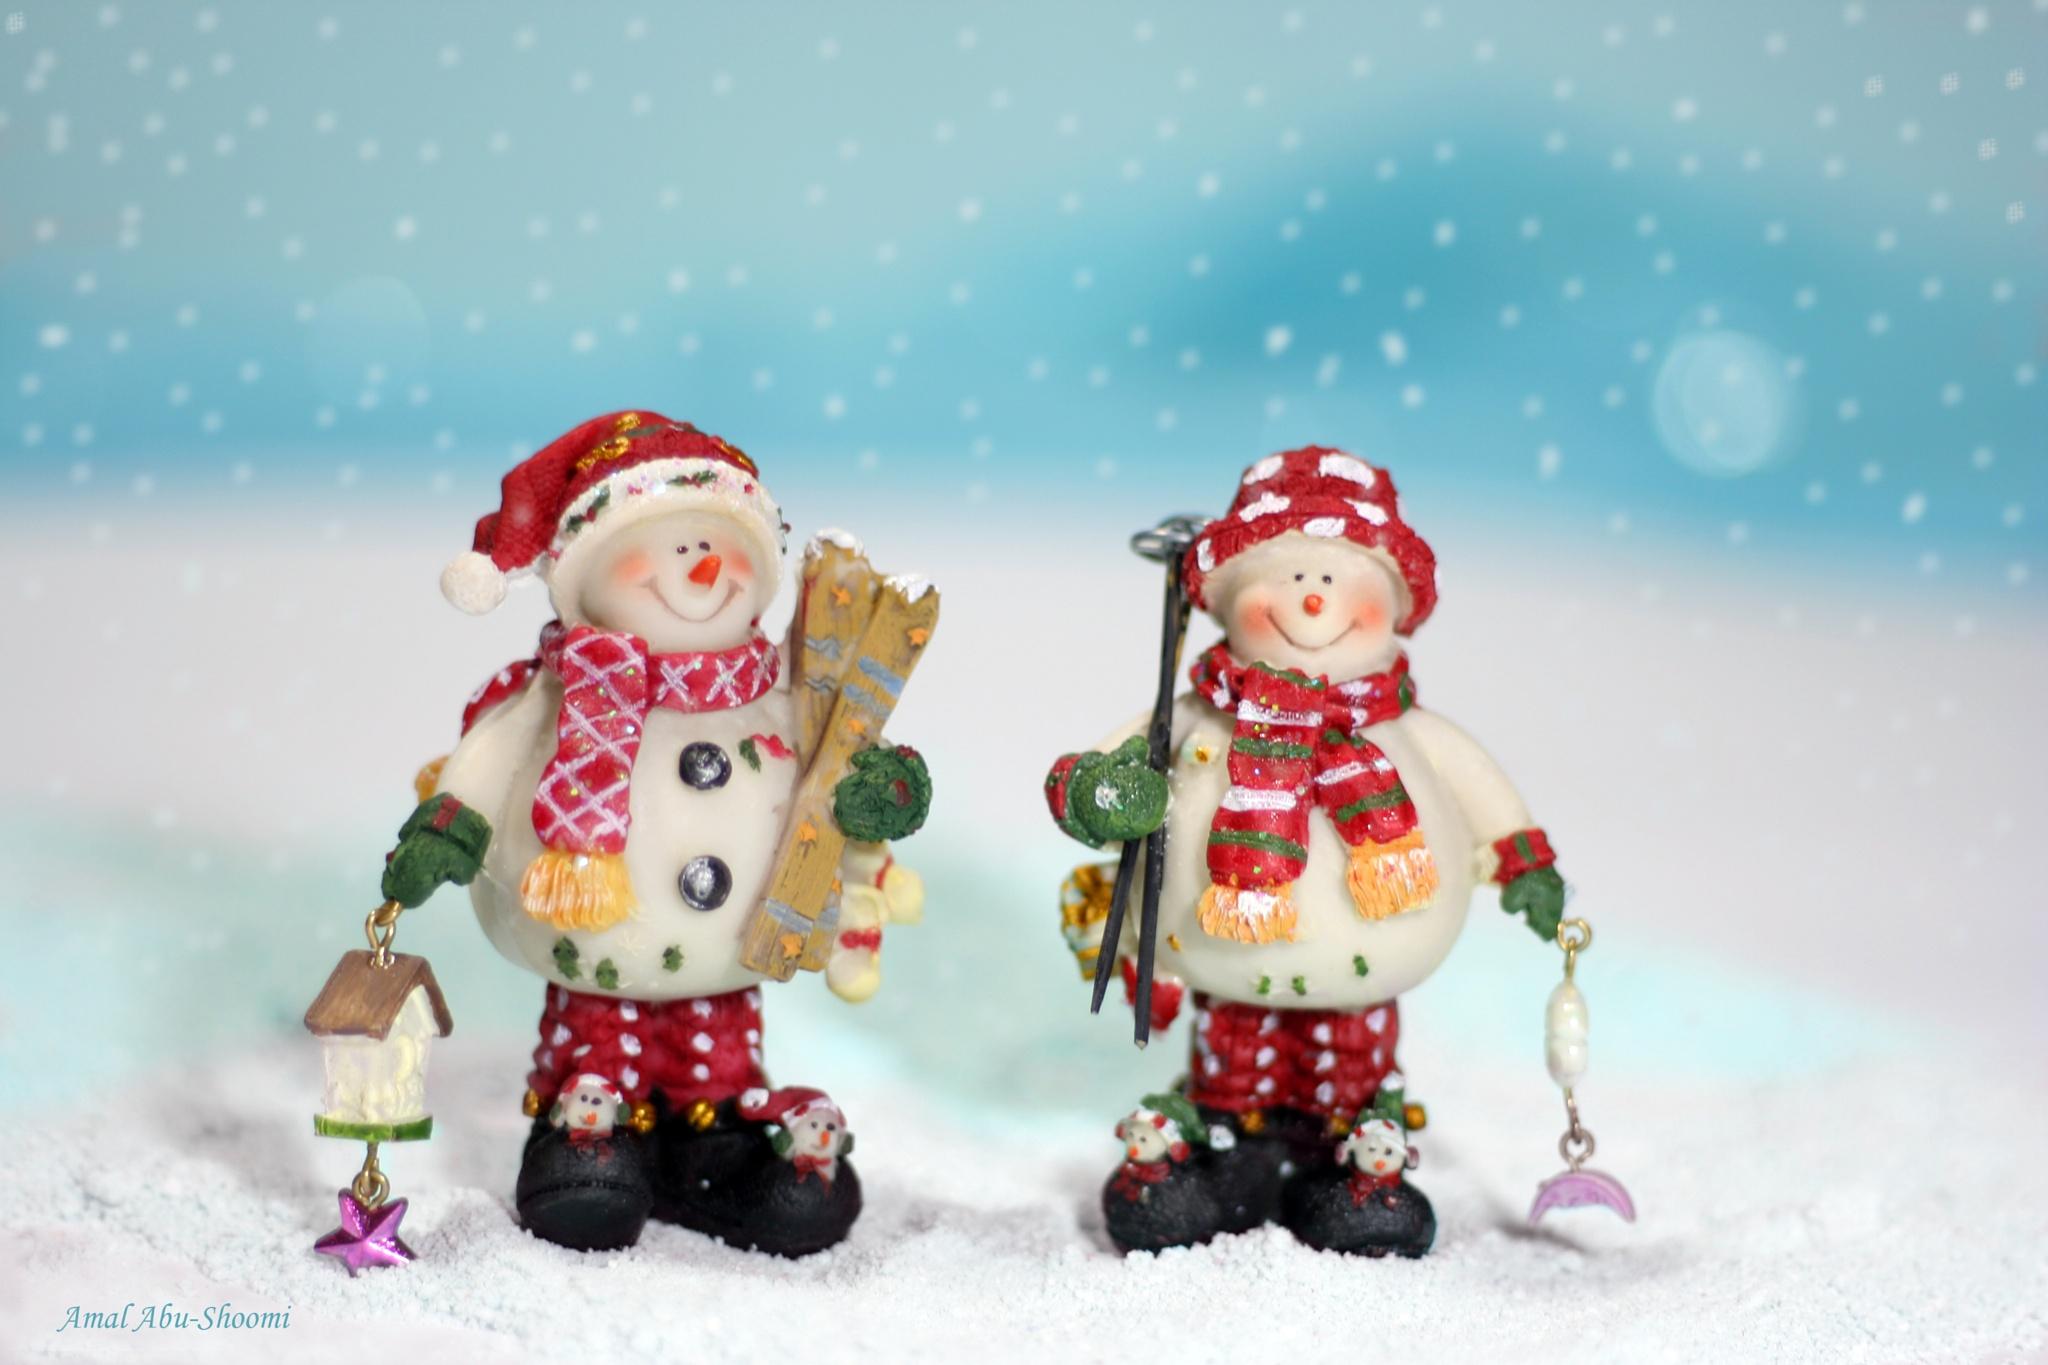 It's Winter by amal.tuttibene